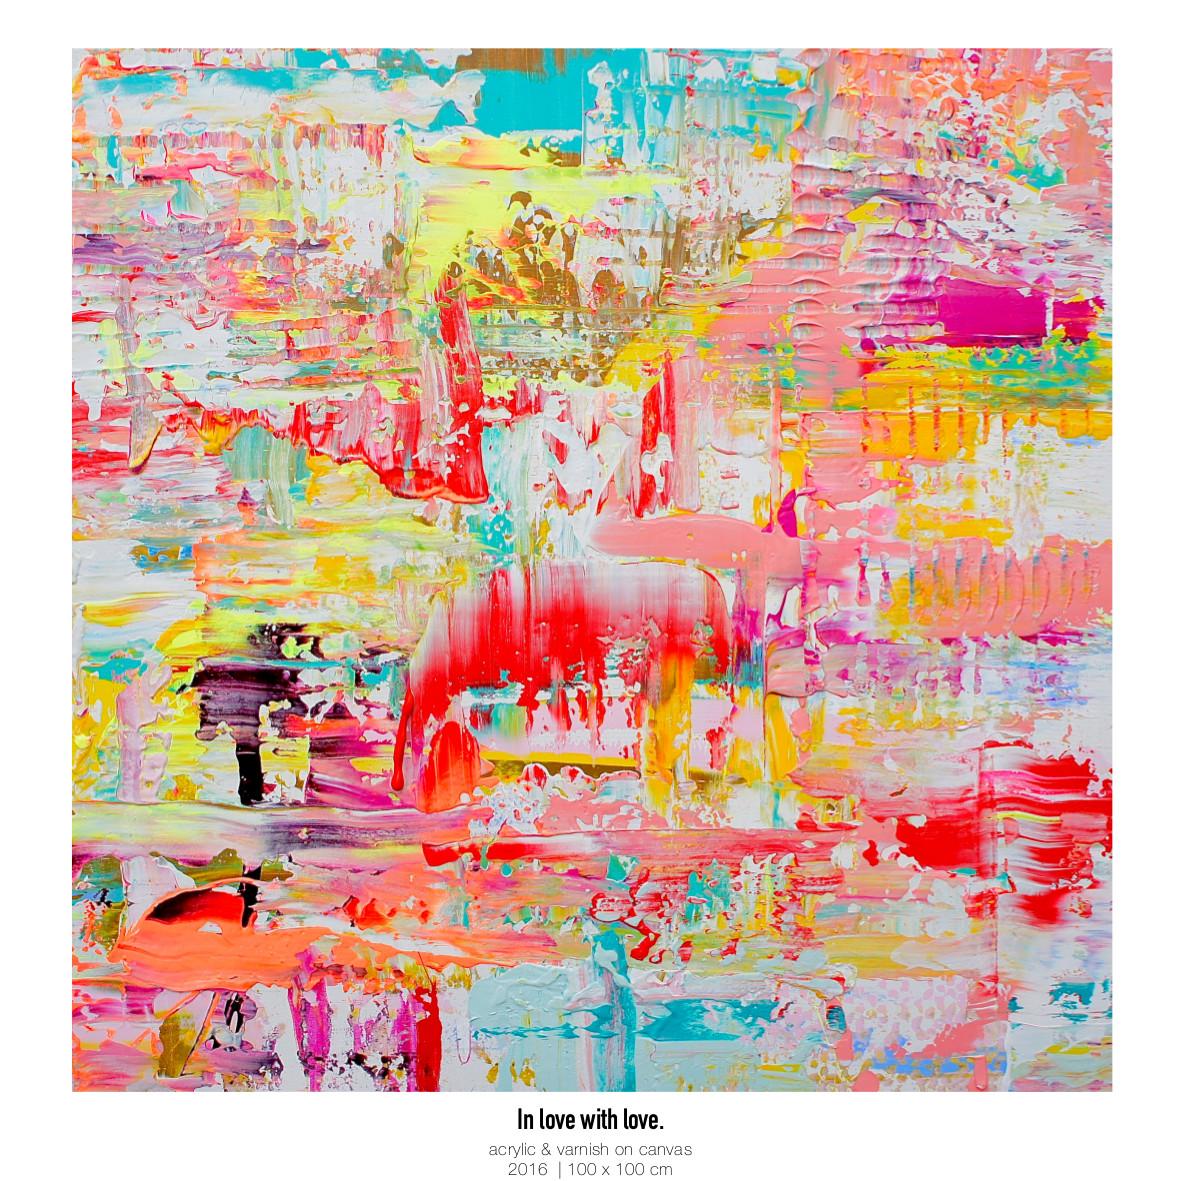 Theresa Kallrath Kallart_In love with love_Artist_Art_Contemporary Art